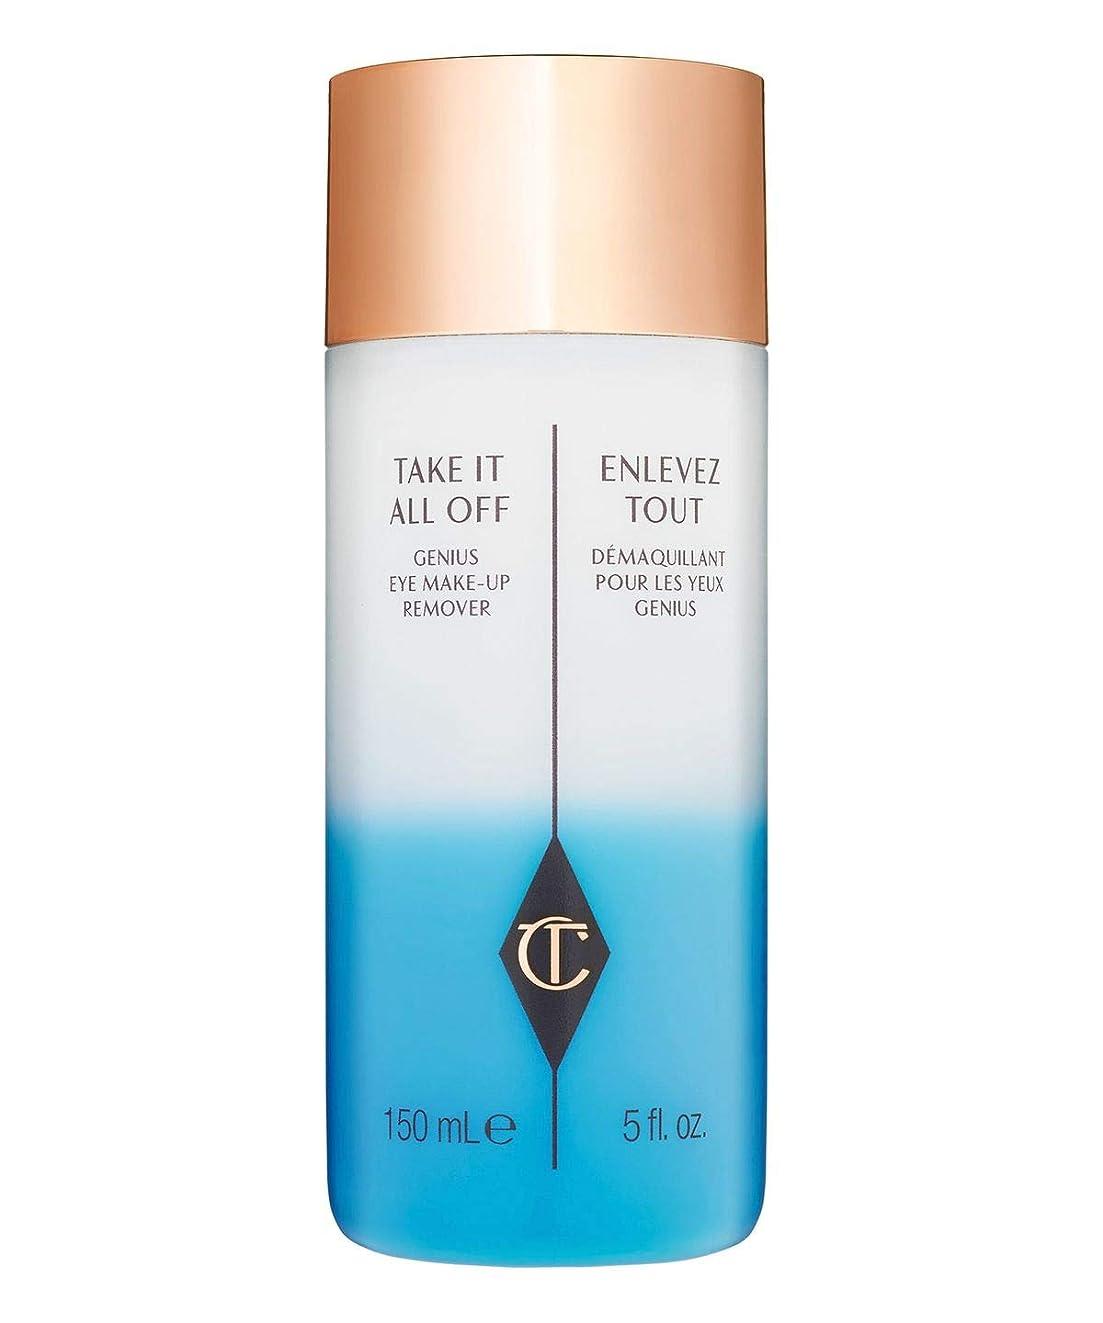 立場脳接続されたCharlotte Tilbury Take It All Off Genius Eye Make-up Remover 150ml シャーロットティルバリー